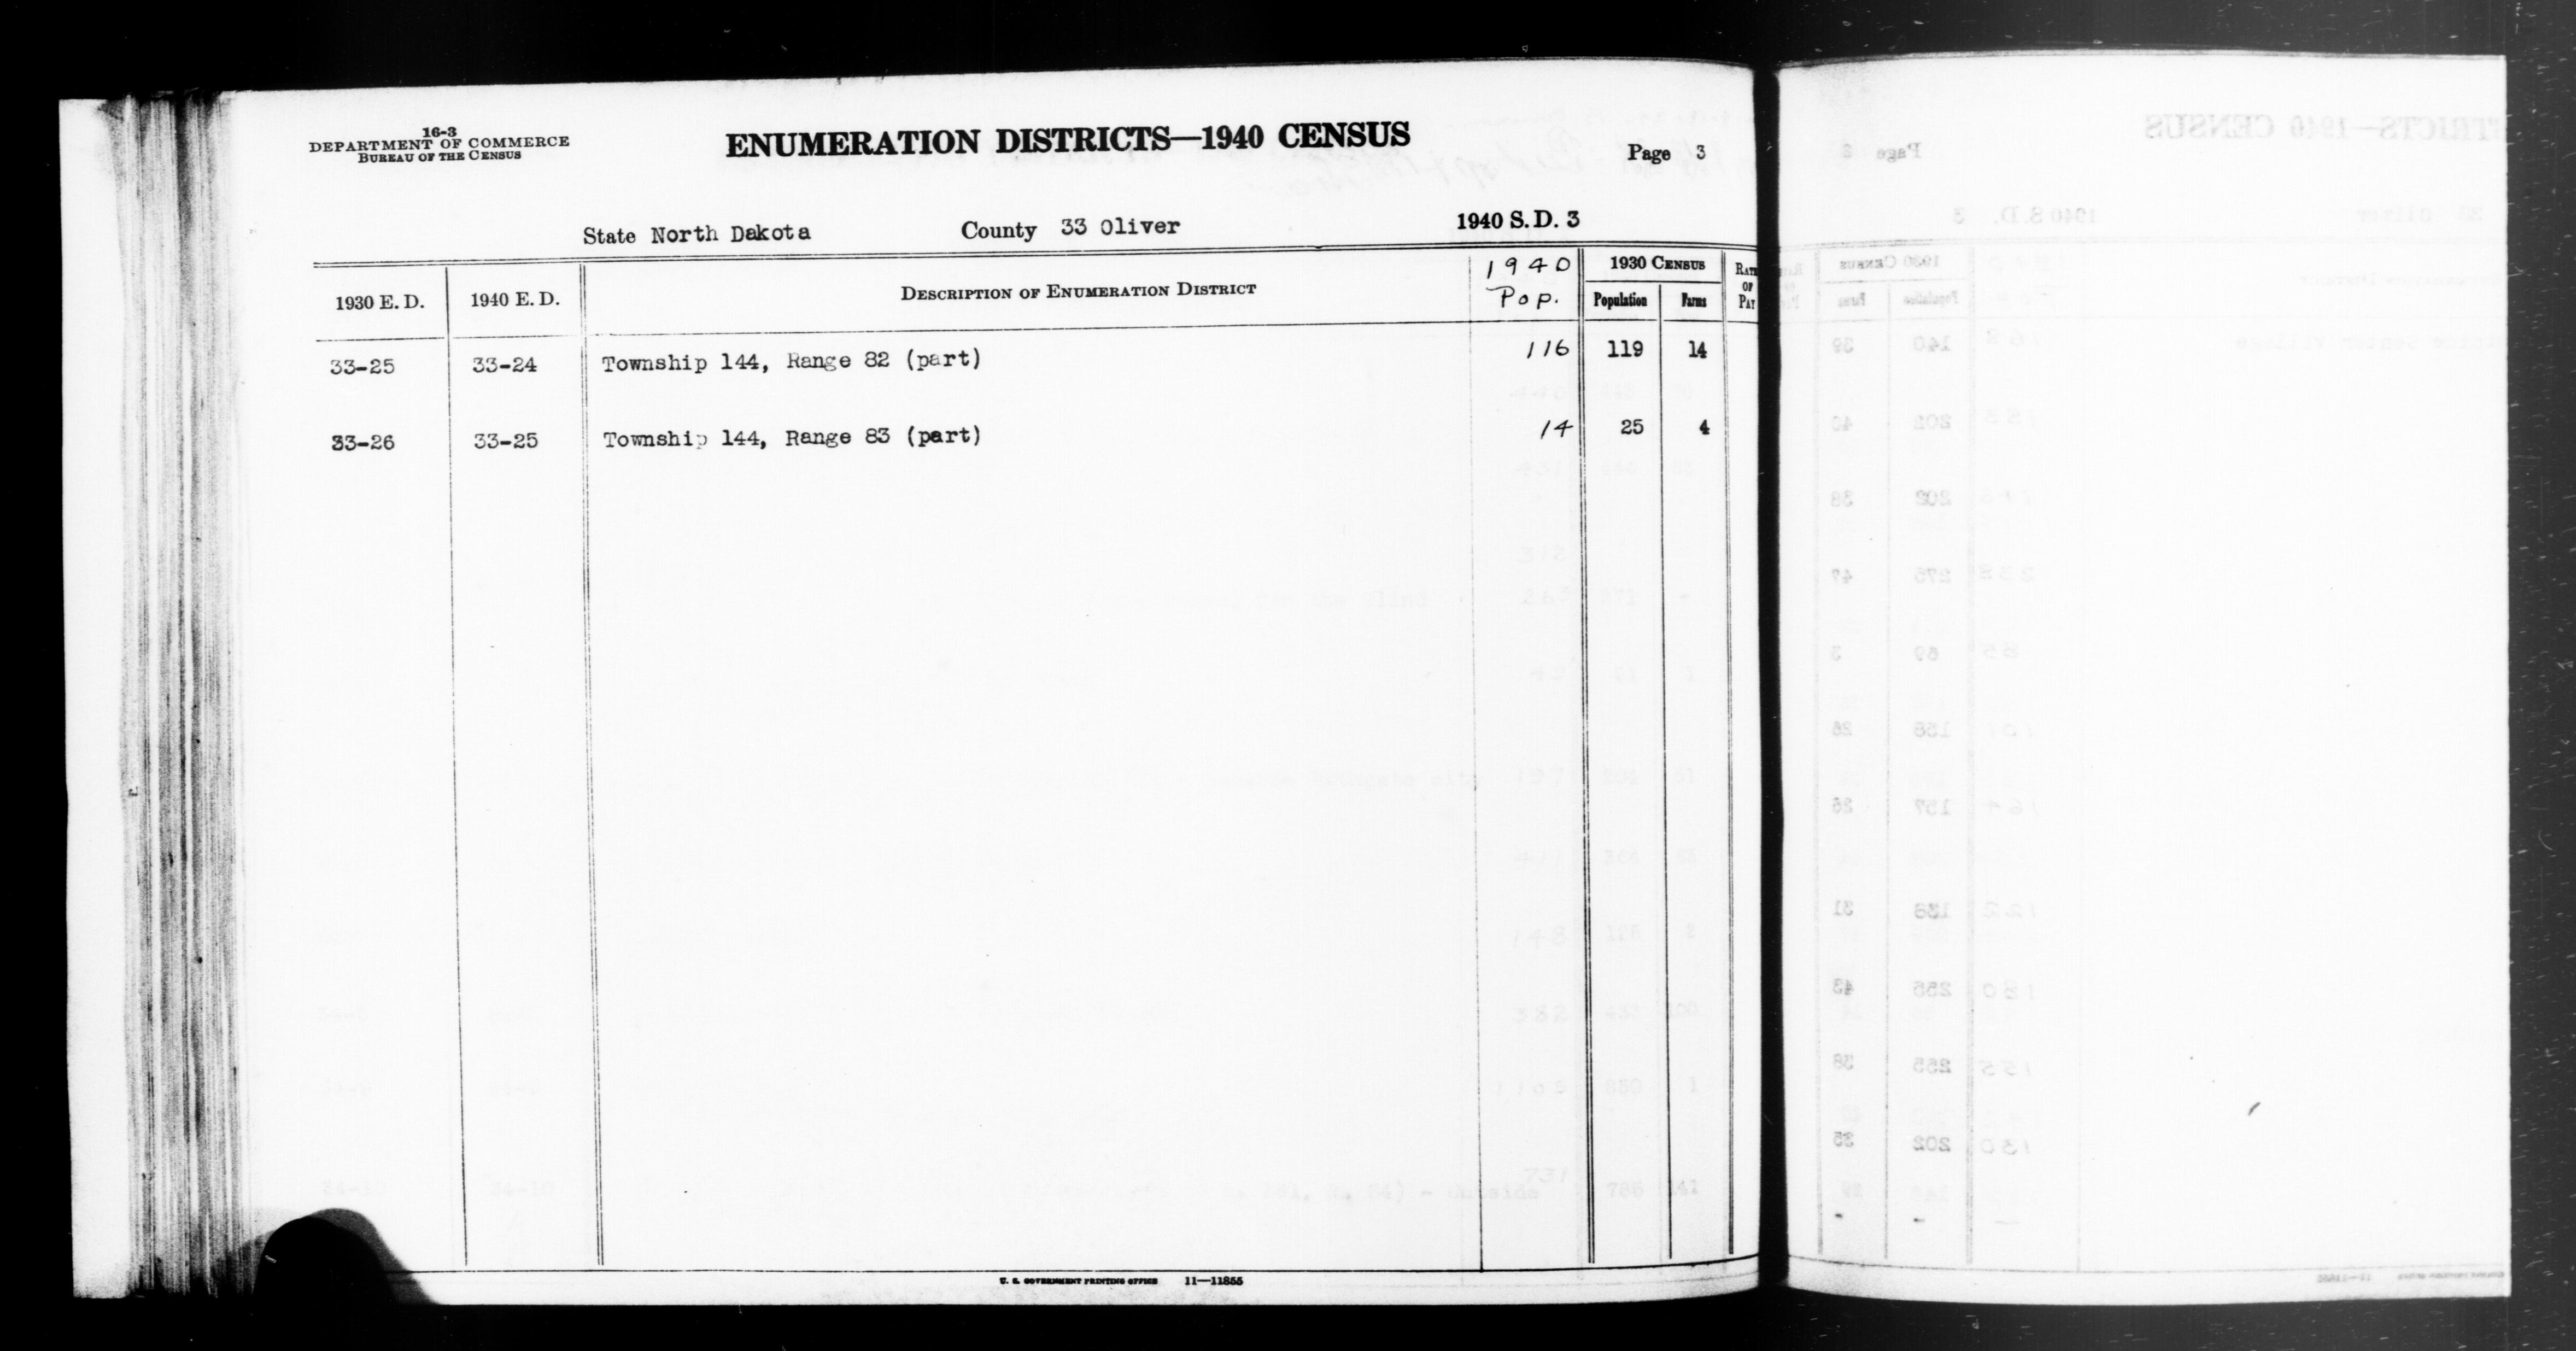 1940 Census Enumeration District Descriptions - North Dakota - Oliver County - ED 33-24, ED 33-25